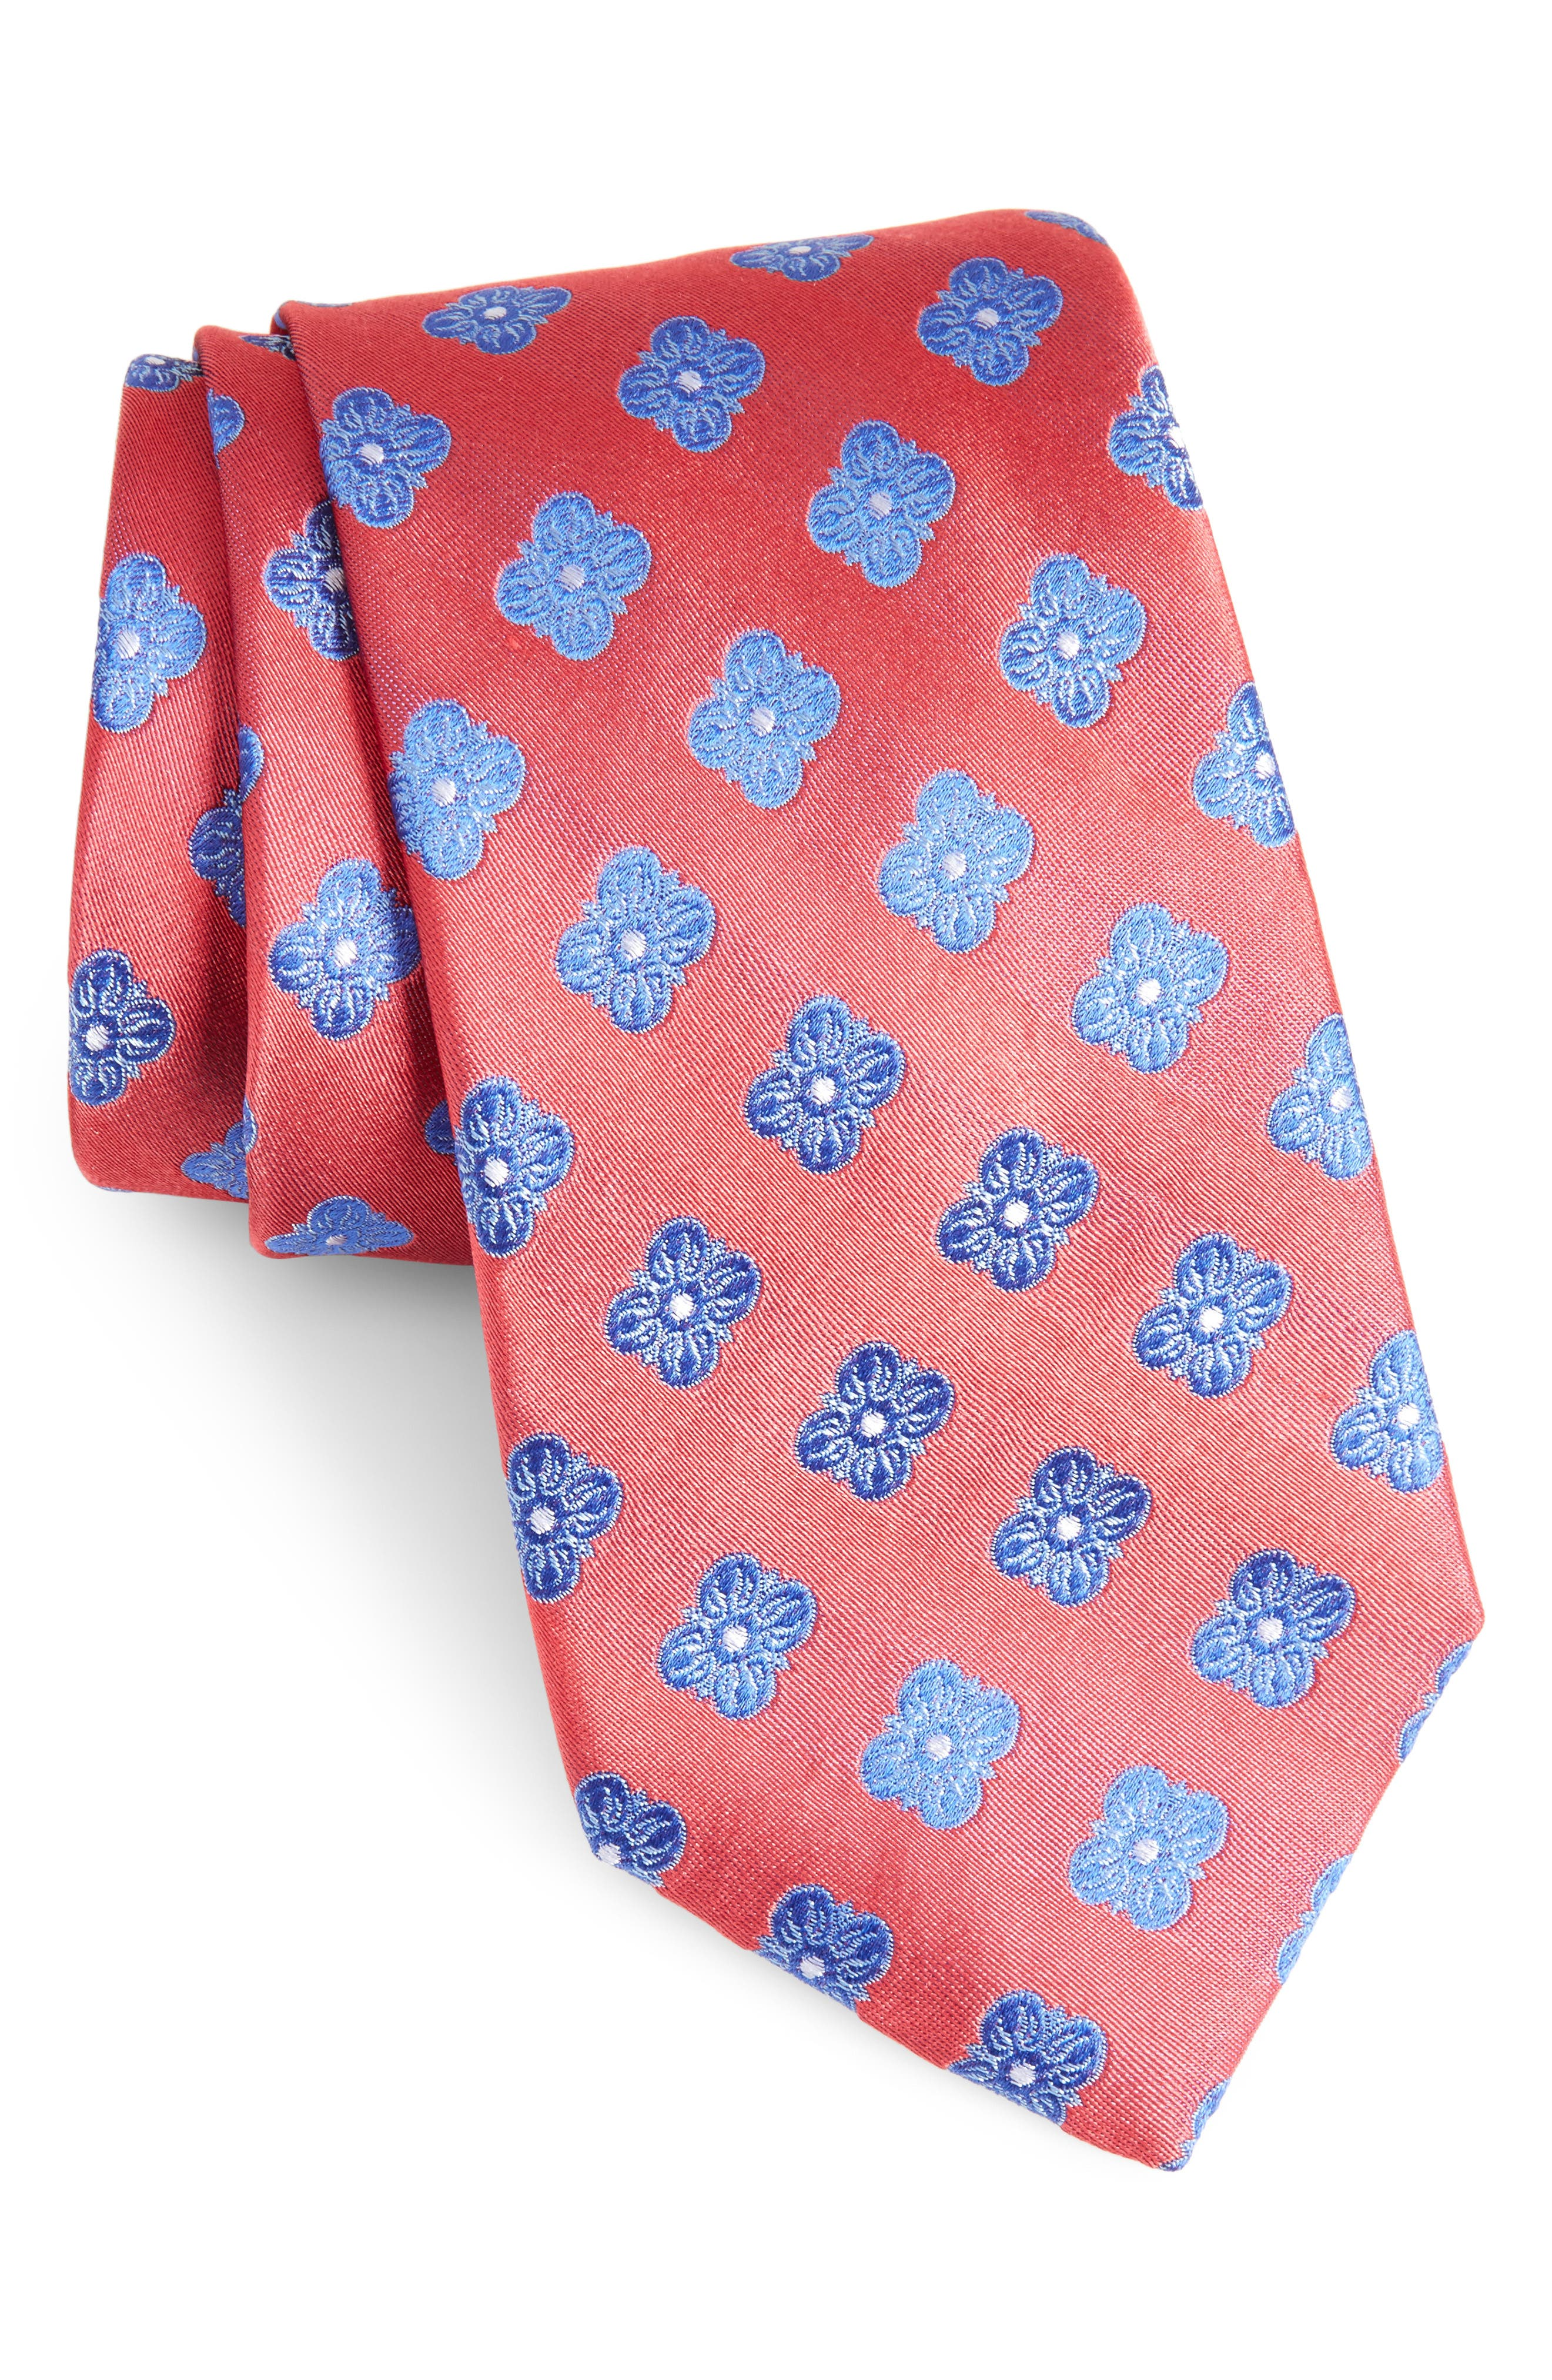 Alternate Image 1 Selected - Nordstrom Men's Shop Cameron Floral Medallion Silk Tie